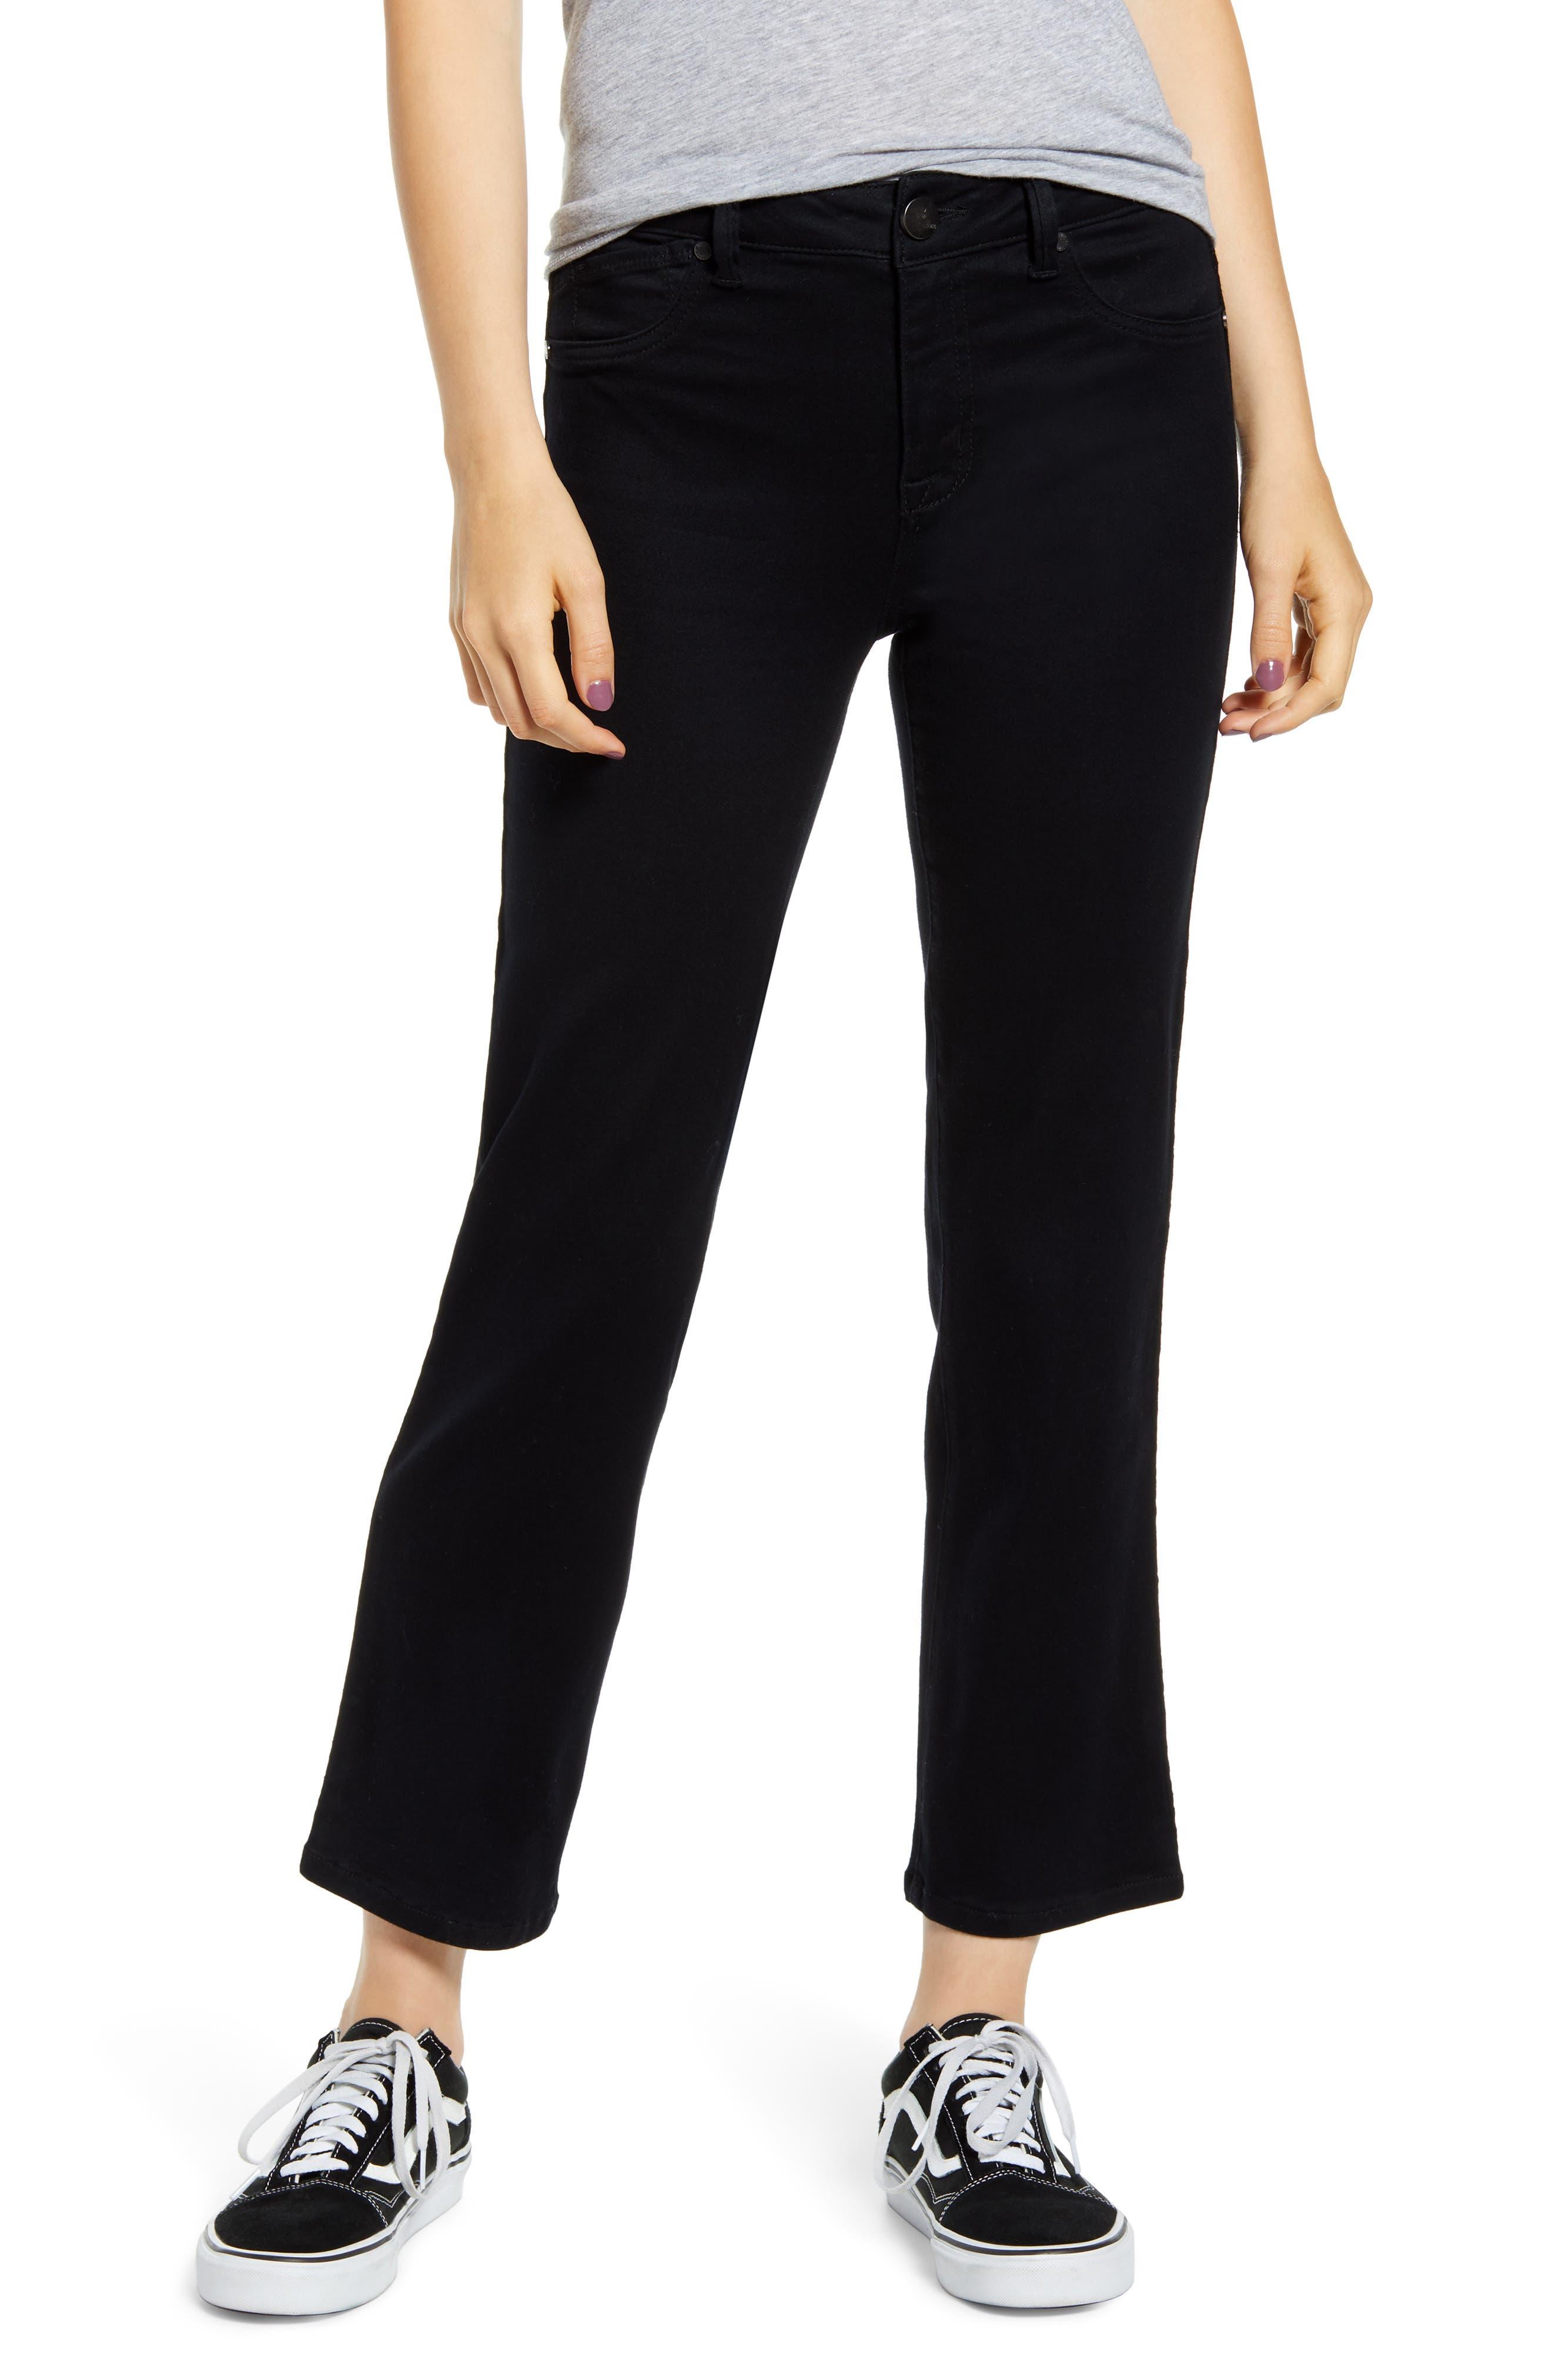 Women's 1822 Denim Butter High Waist Ankle Straight Leg Jeans,  26 - Black